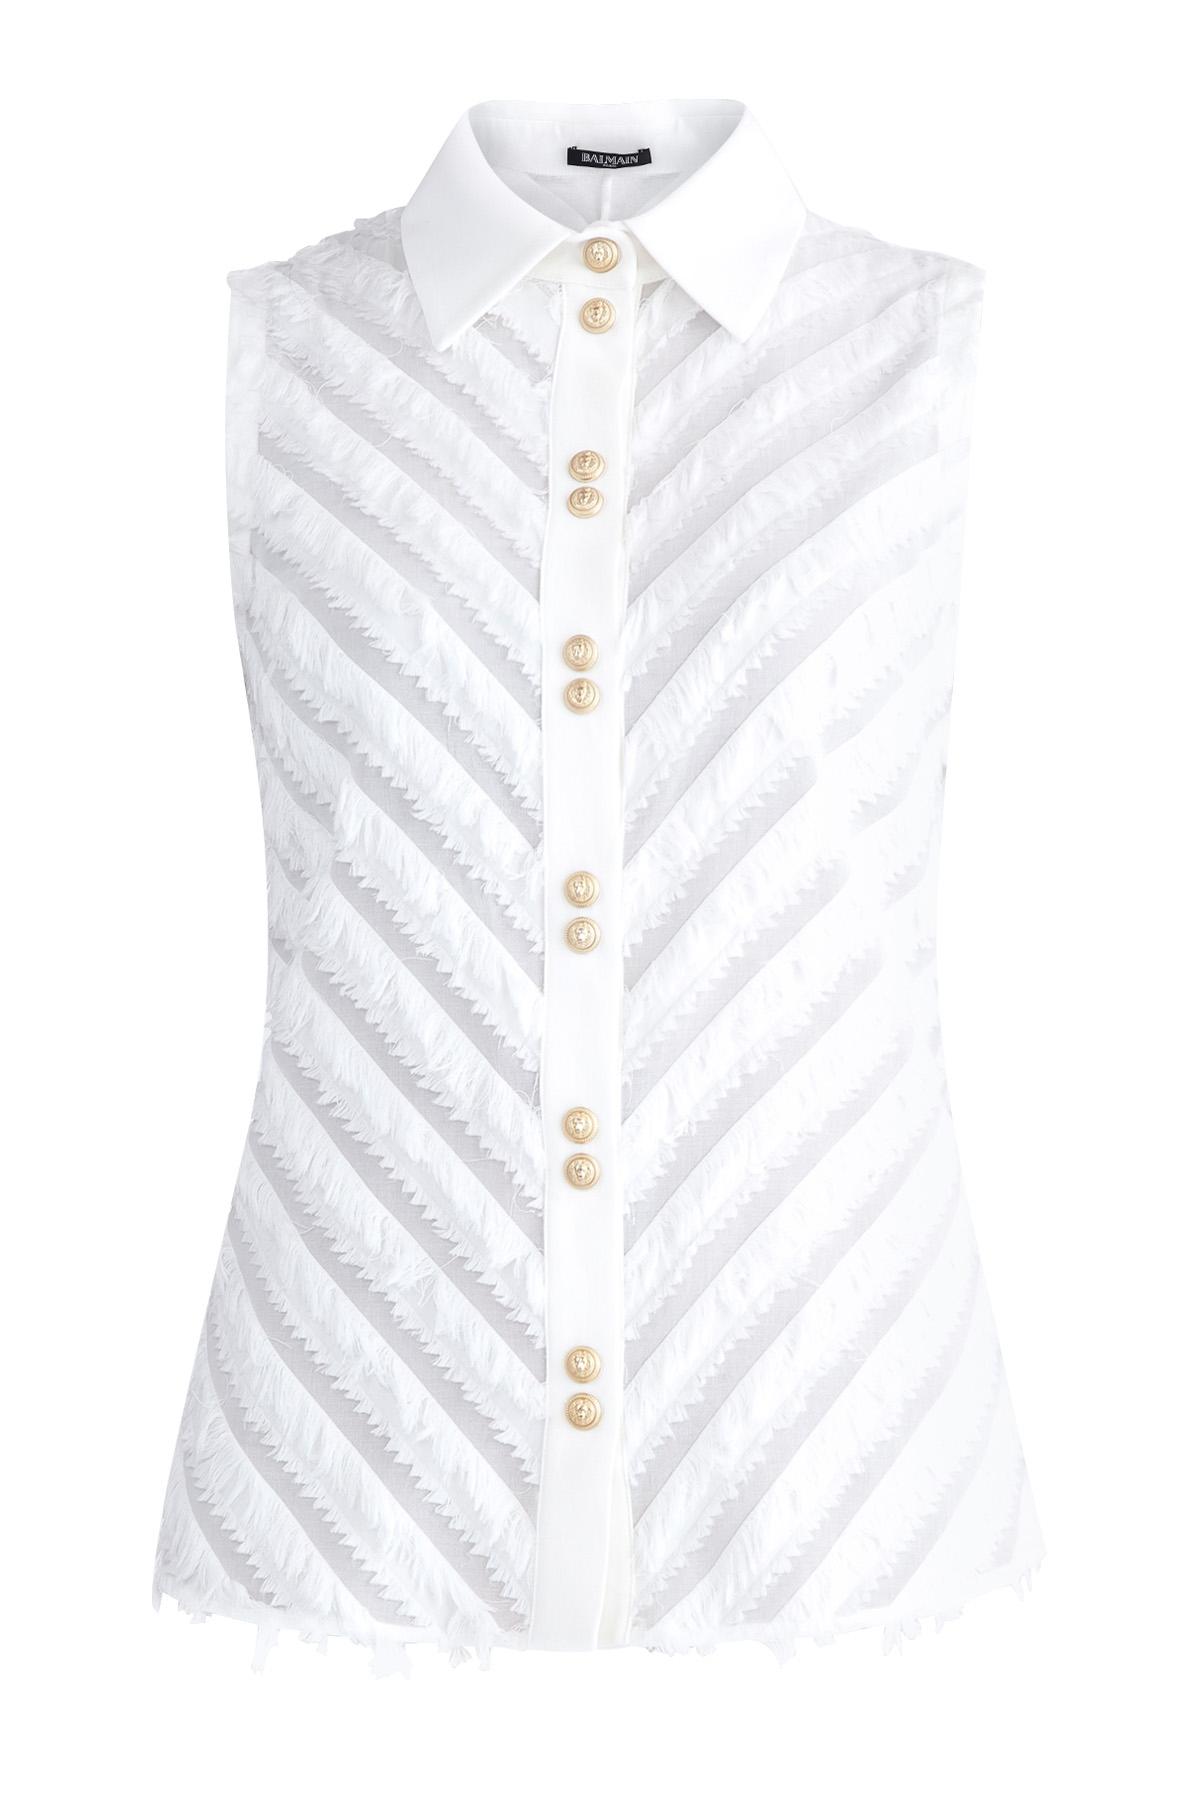 Рубашка, BALMAIN, Италия, хлопок 100%  - купить со скидкой